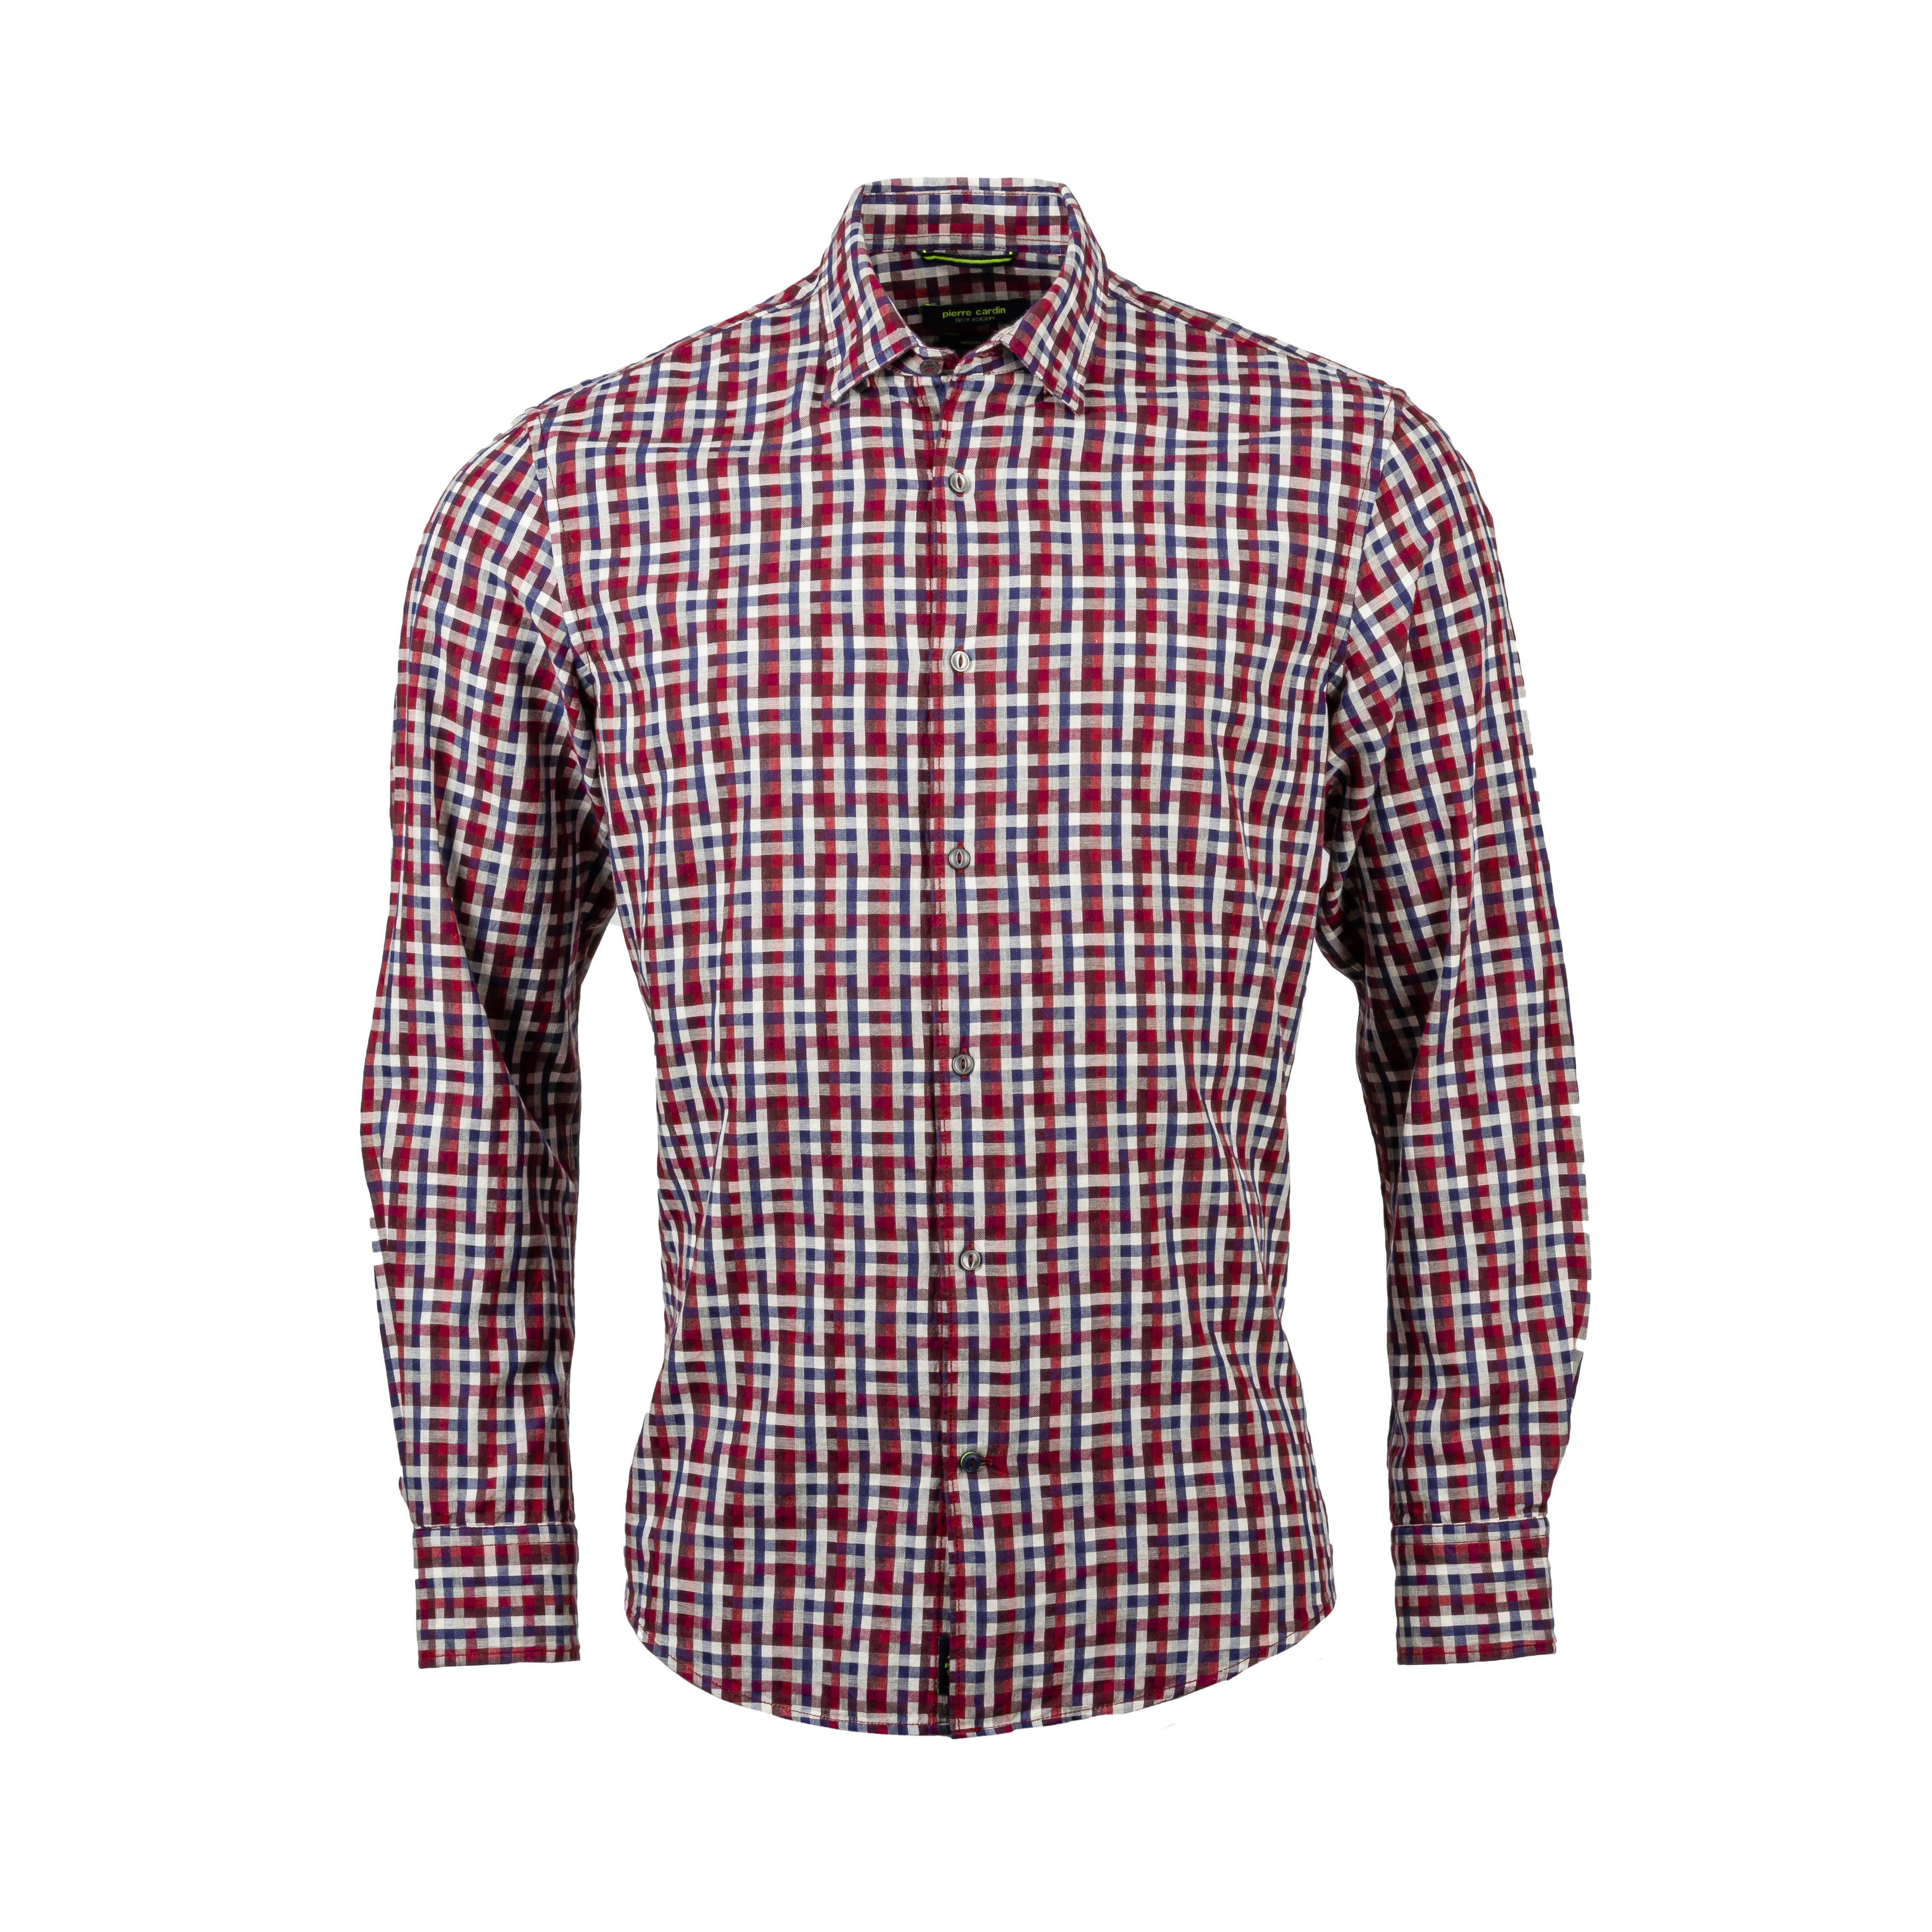 Chemise ajustée  en coton à carreaux rouges, blancs et bleu marine